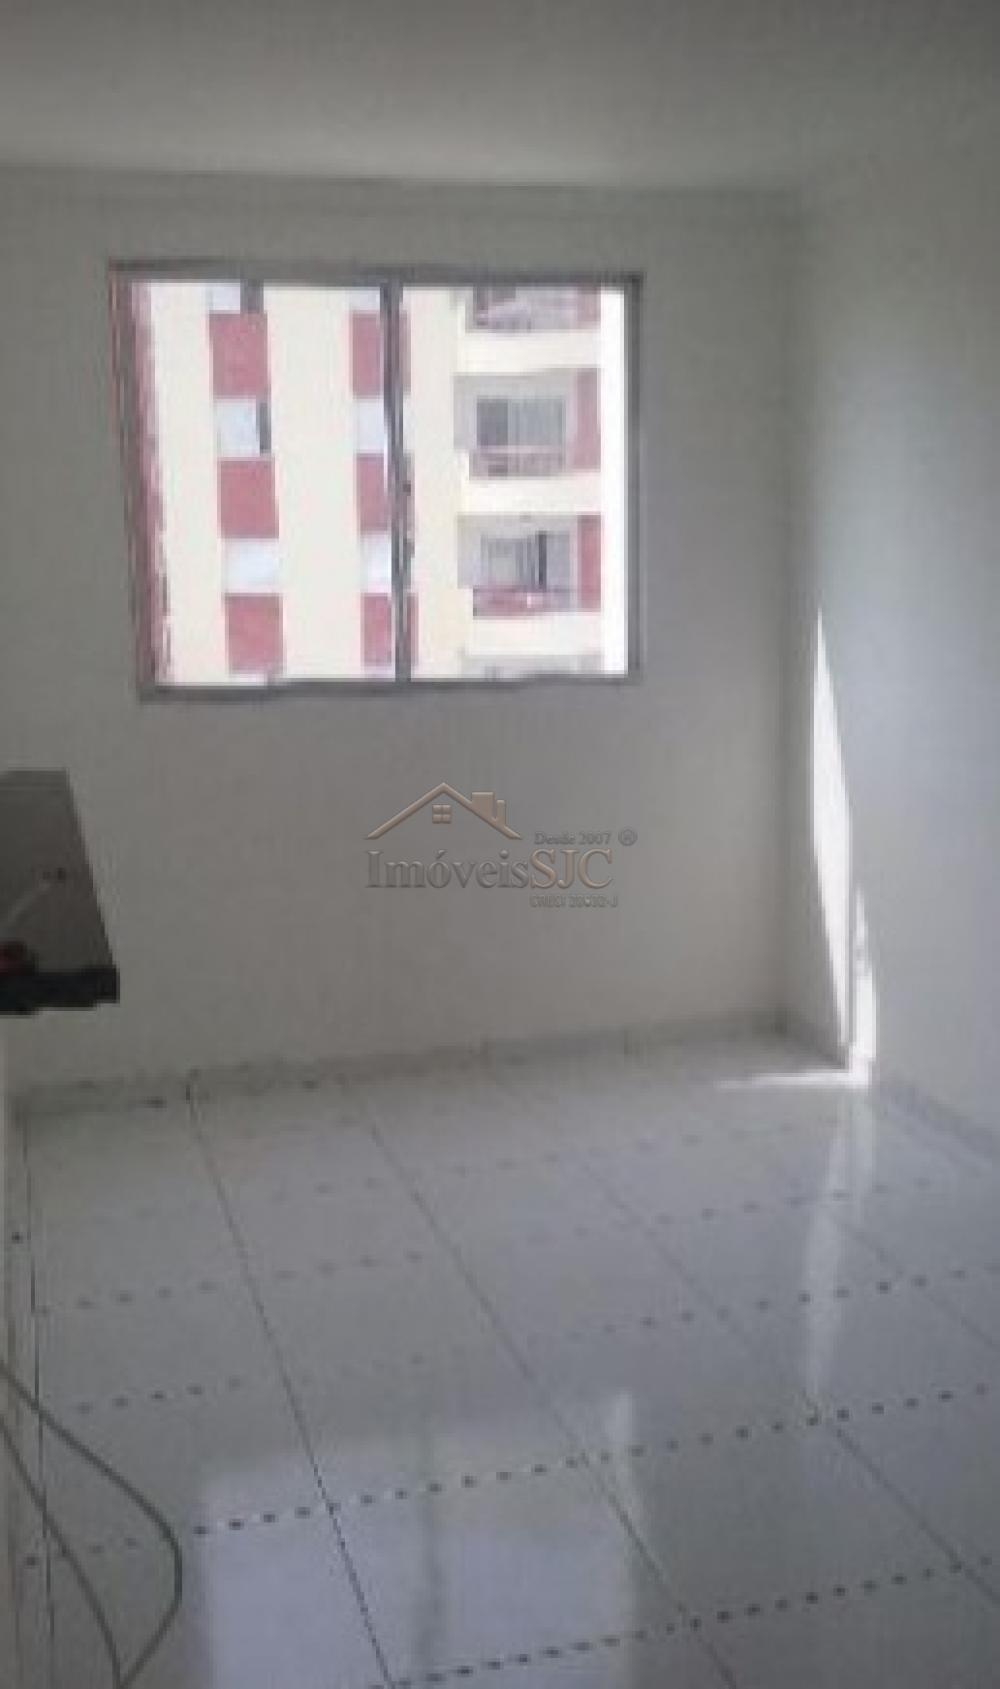 Comprar Apartamentos / Padrão em São José dos Campos apenas R$ 183.000,00 - Foto 2